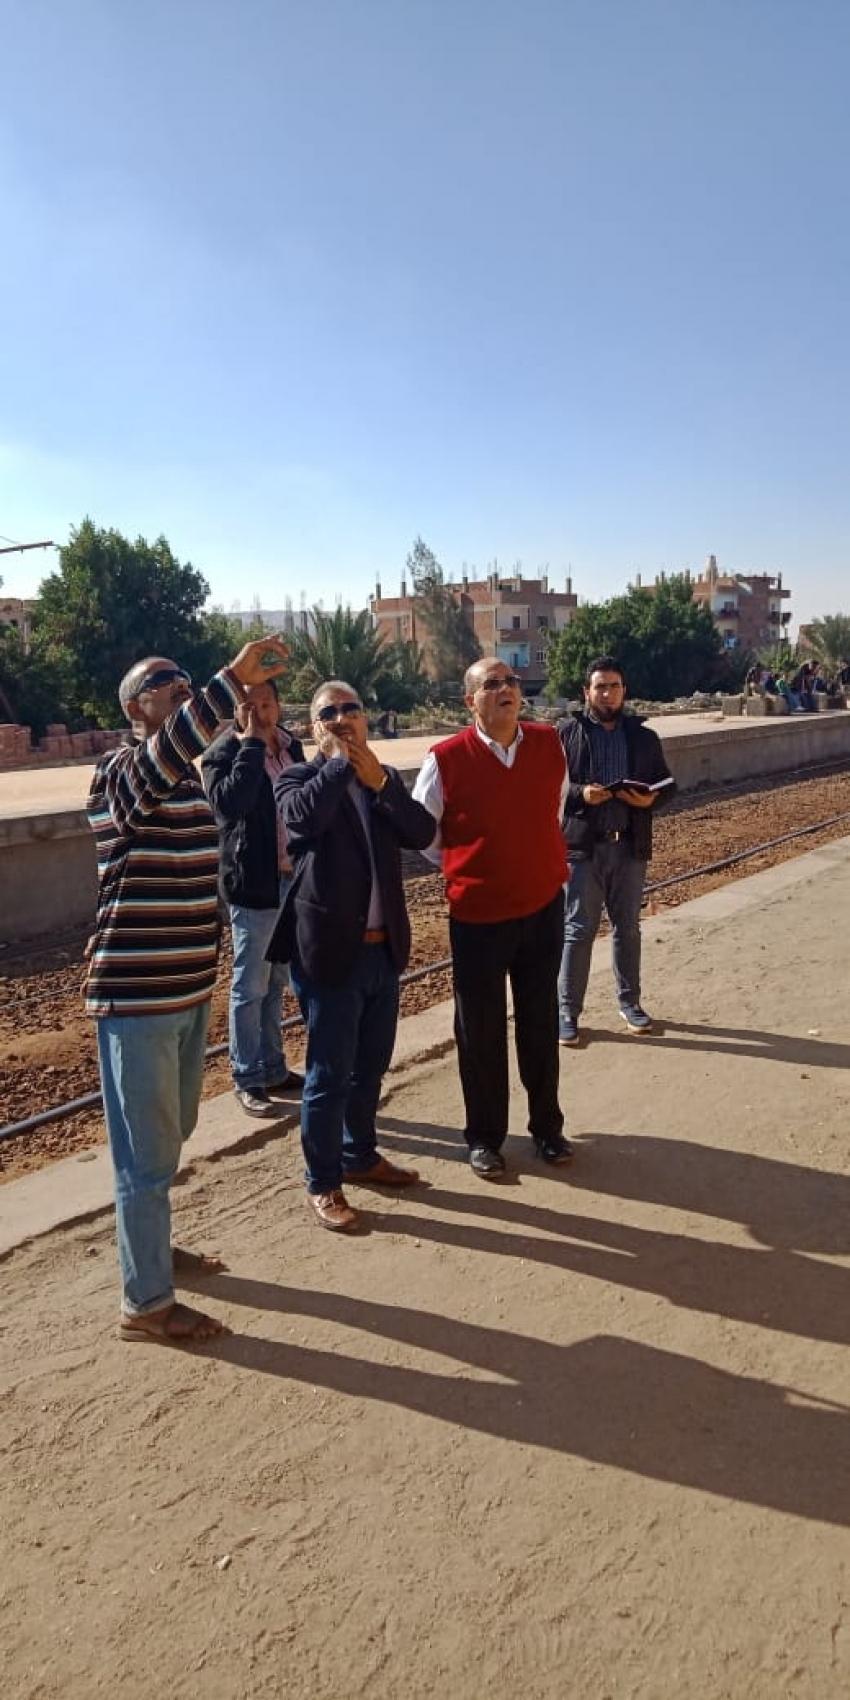 النائب طارق متولي يرافق قيادات السكة الحديد لتفقد اعمال تطوير مزلقانات السويس